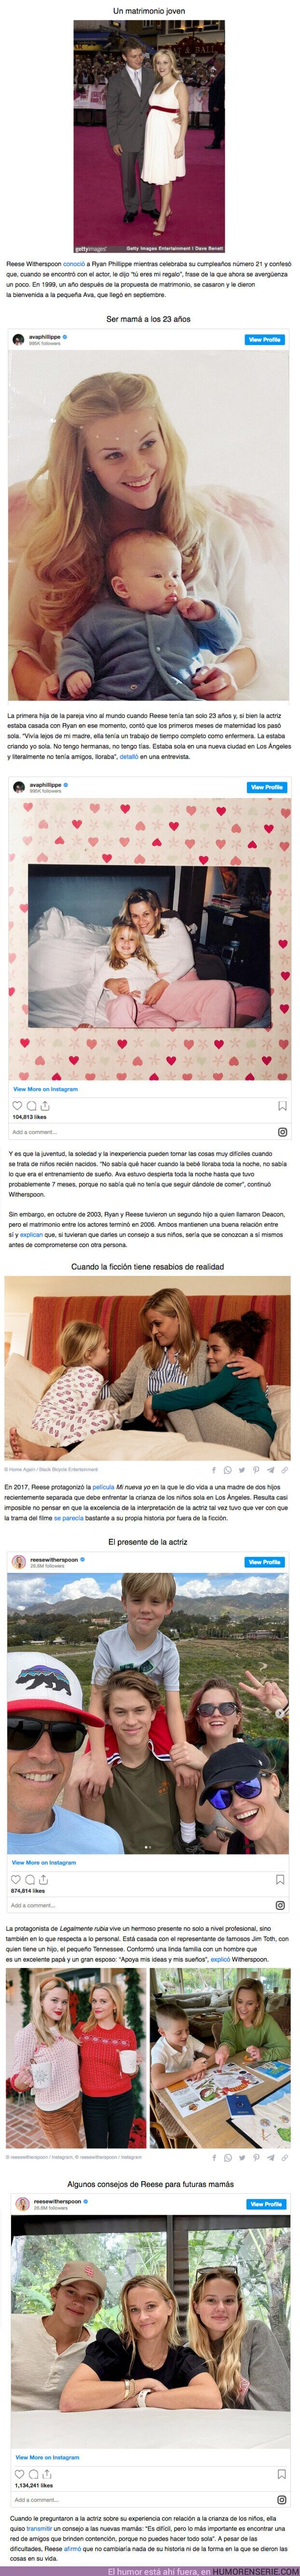 82485 - GALERÍA: Reese Witherspoon crió a su hija casi sola a pesar de estar casada y contó lo difícil que fue su experiencia